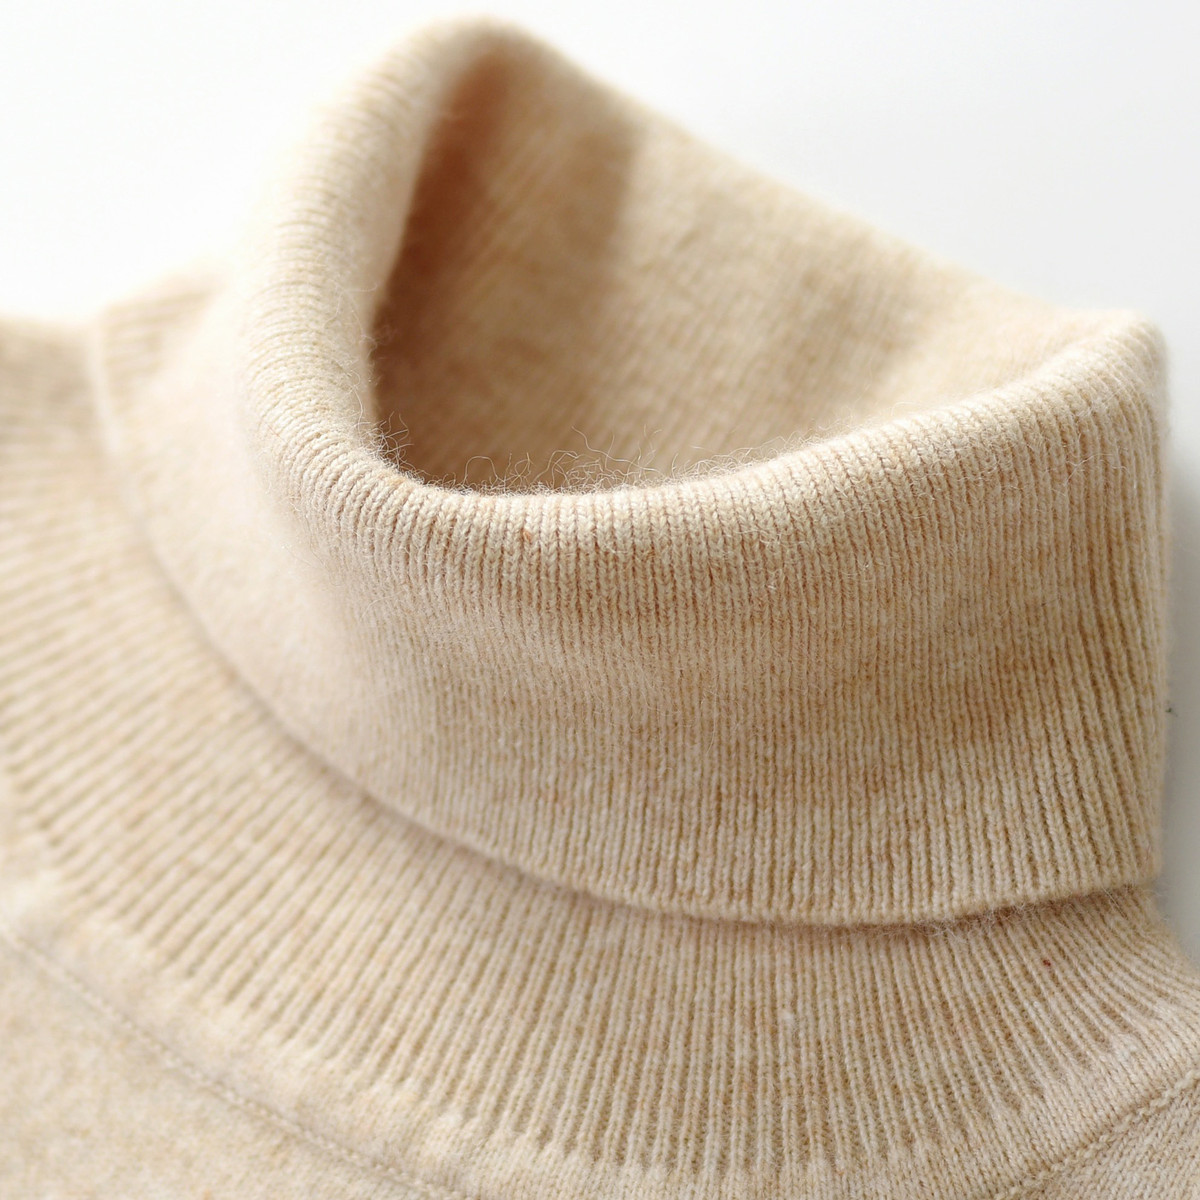 【反季清仓】秋冬新款羊绒衫男高领针织打底衫大码羊毛衫翻领毛衣